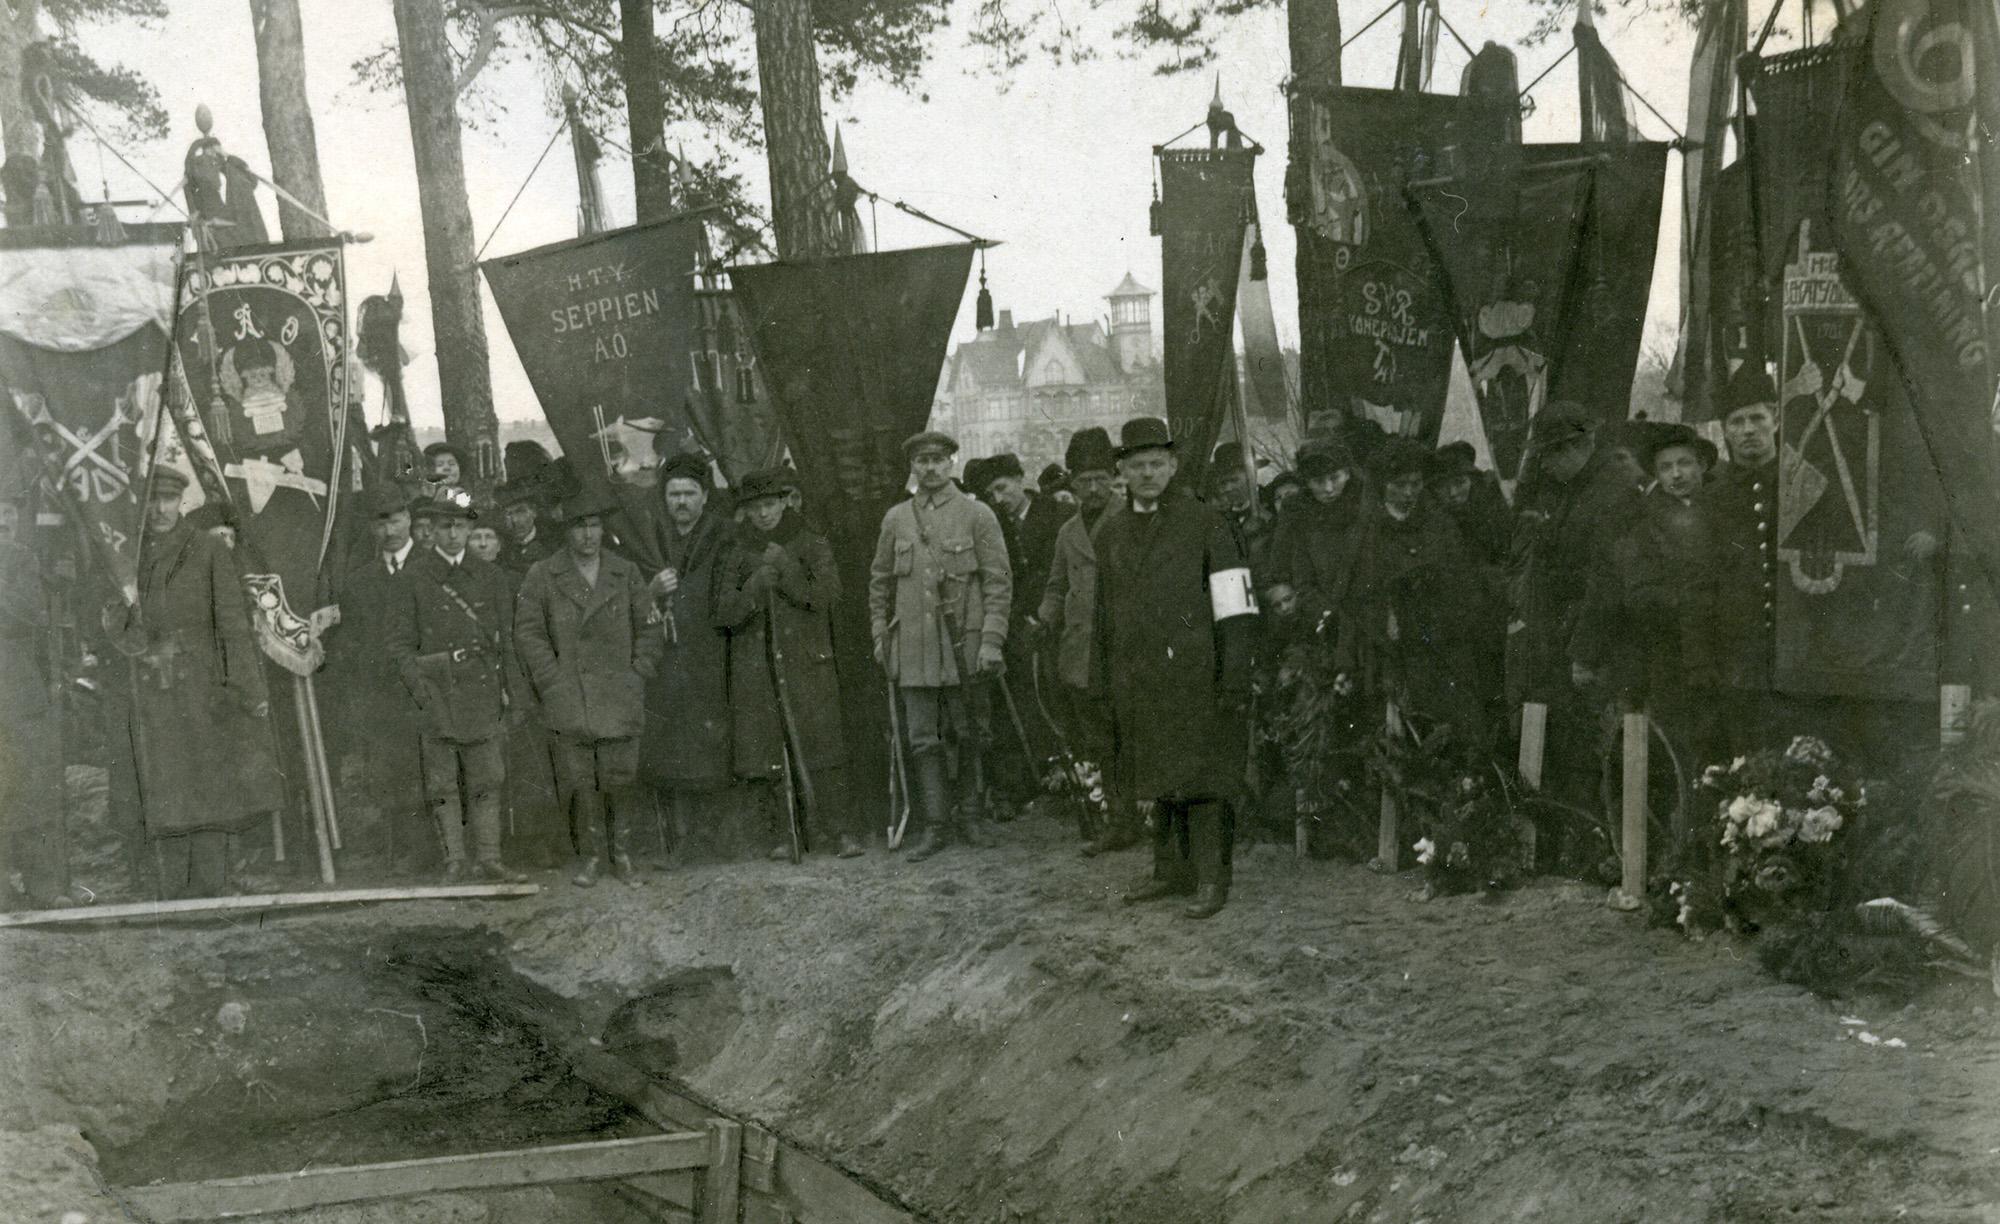 x 2 KUVA punakaartilaisen hautaus Mäntymäellä miehet ammattiyhdistylippuineen Helsinki 1918 KA 458_59img465_2000px